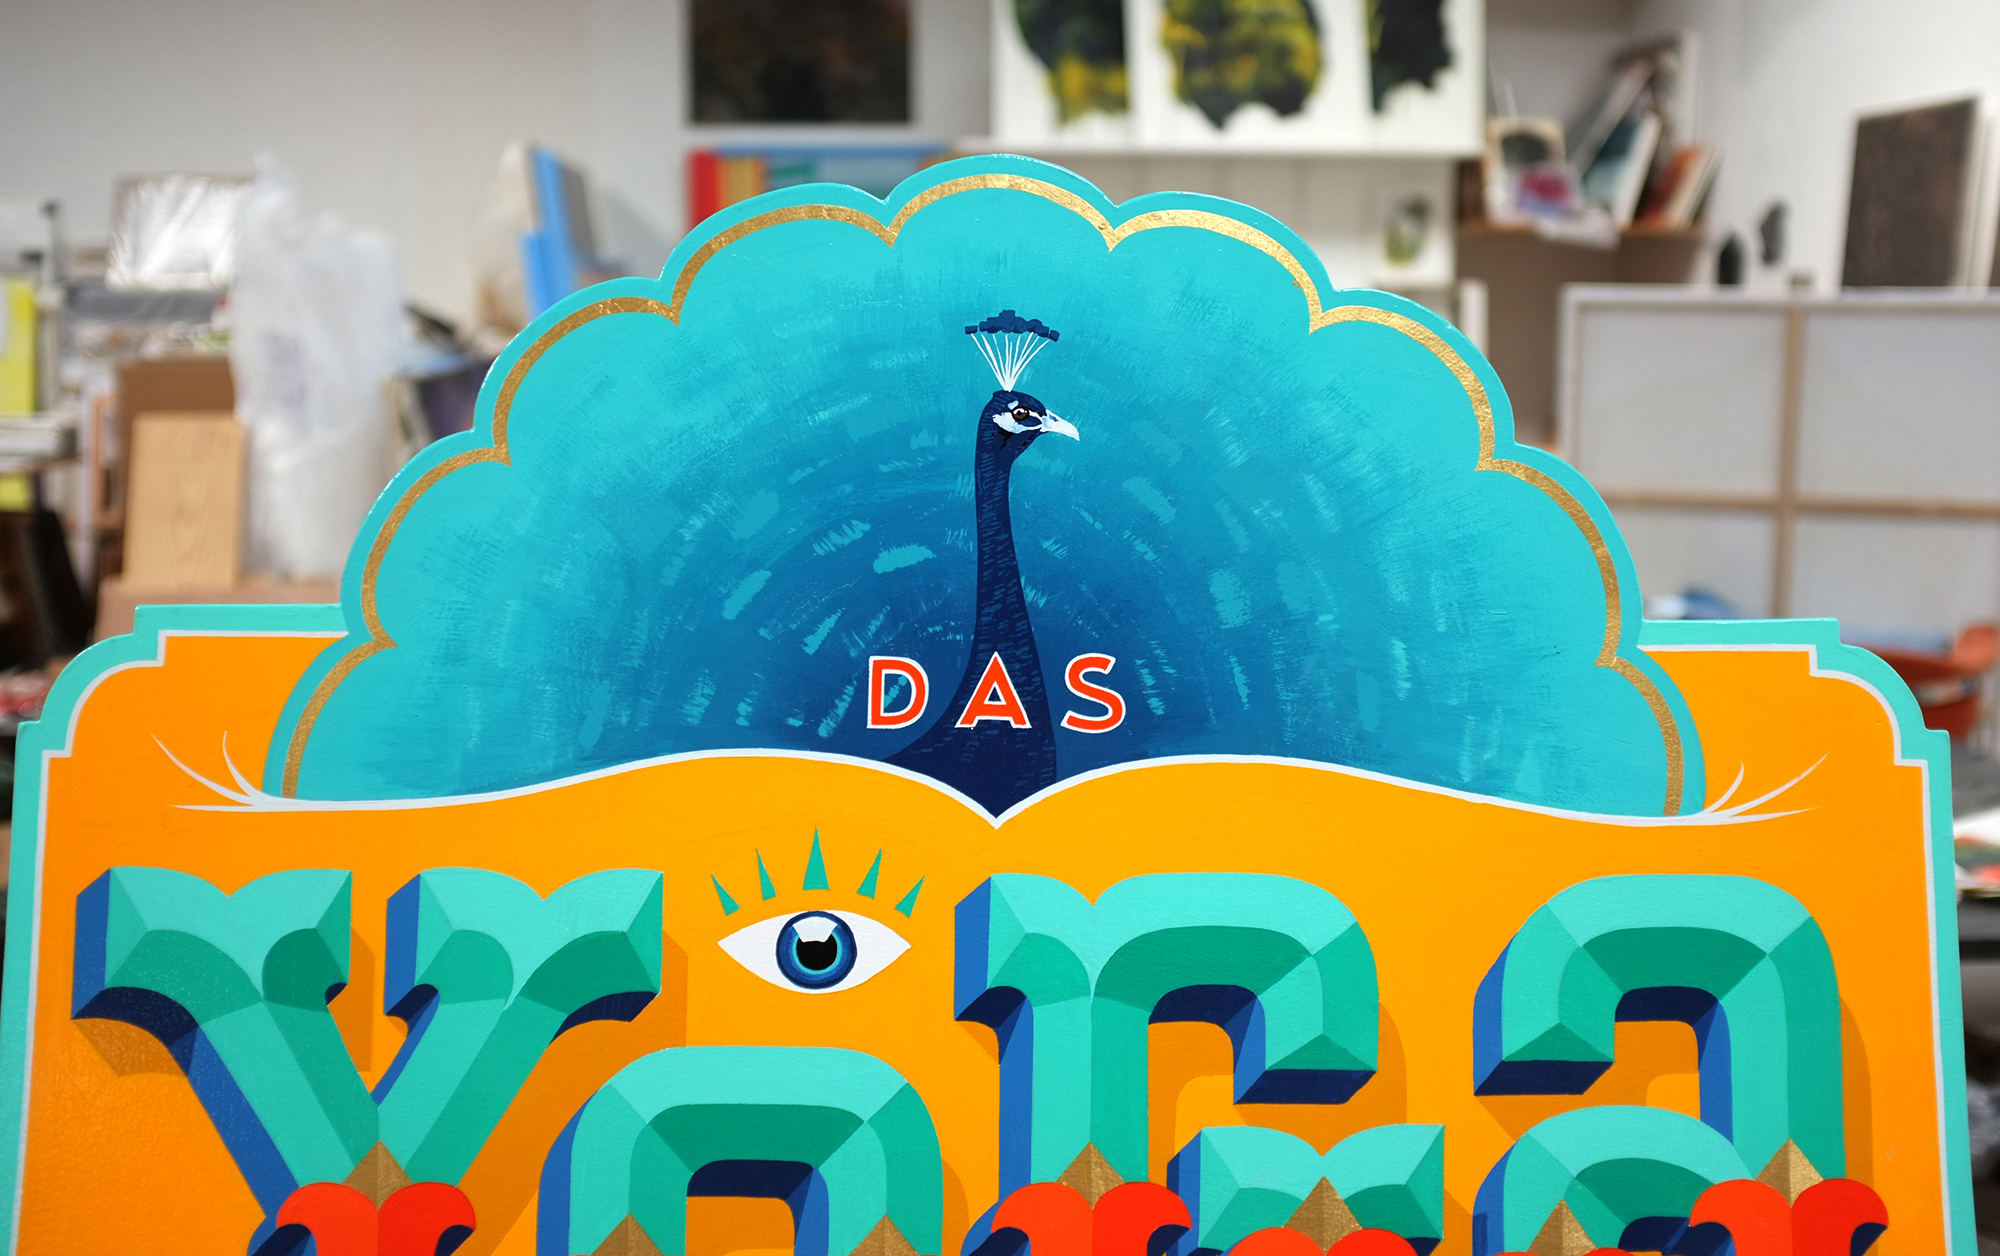 Das Yoga Haus, Kundenstopper, Schriftenmalerei, Wandbeschriftung, hand gemalt, Tafelbeschriftung, Tafelmaler, sign painting, Zürich, Mathias Truniger, hand lettering, type design, Hinterglasvergoldung, reverse glass gilding, gold leaf